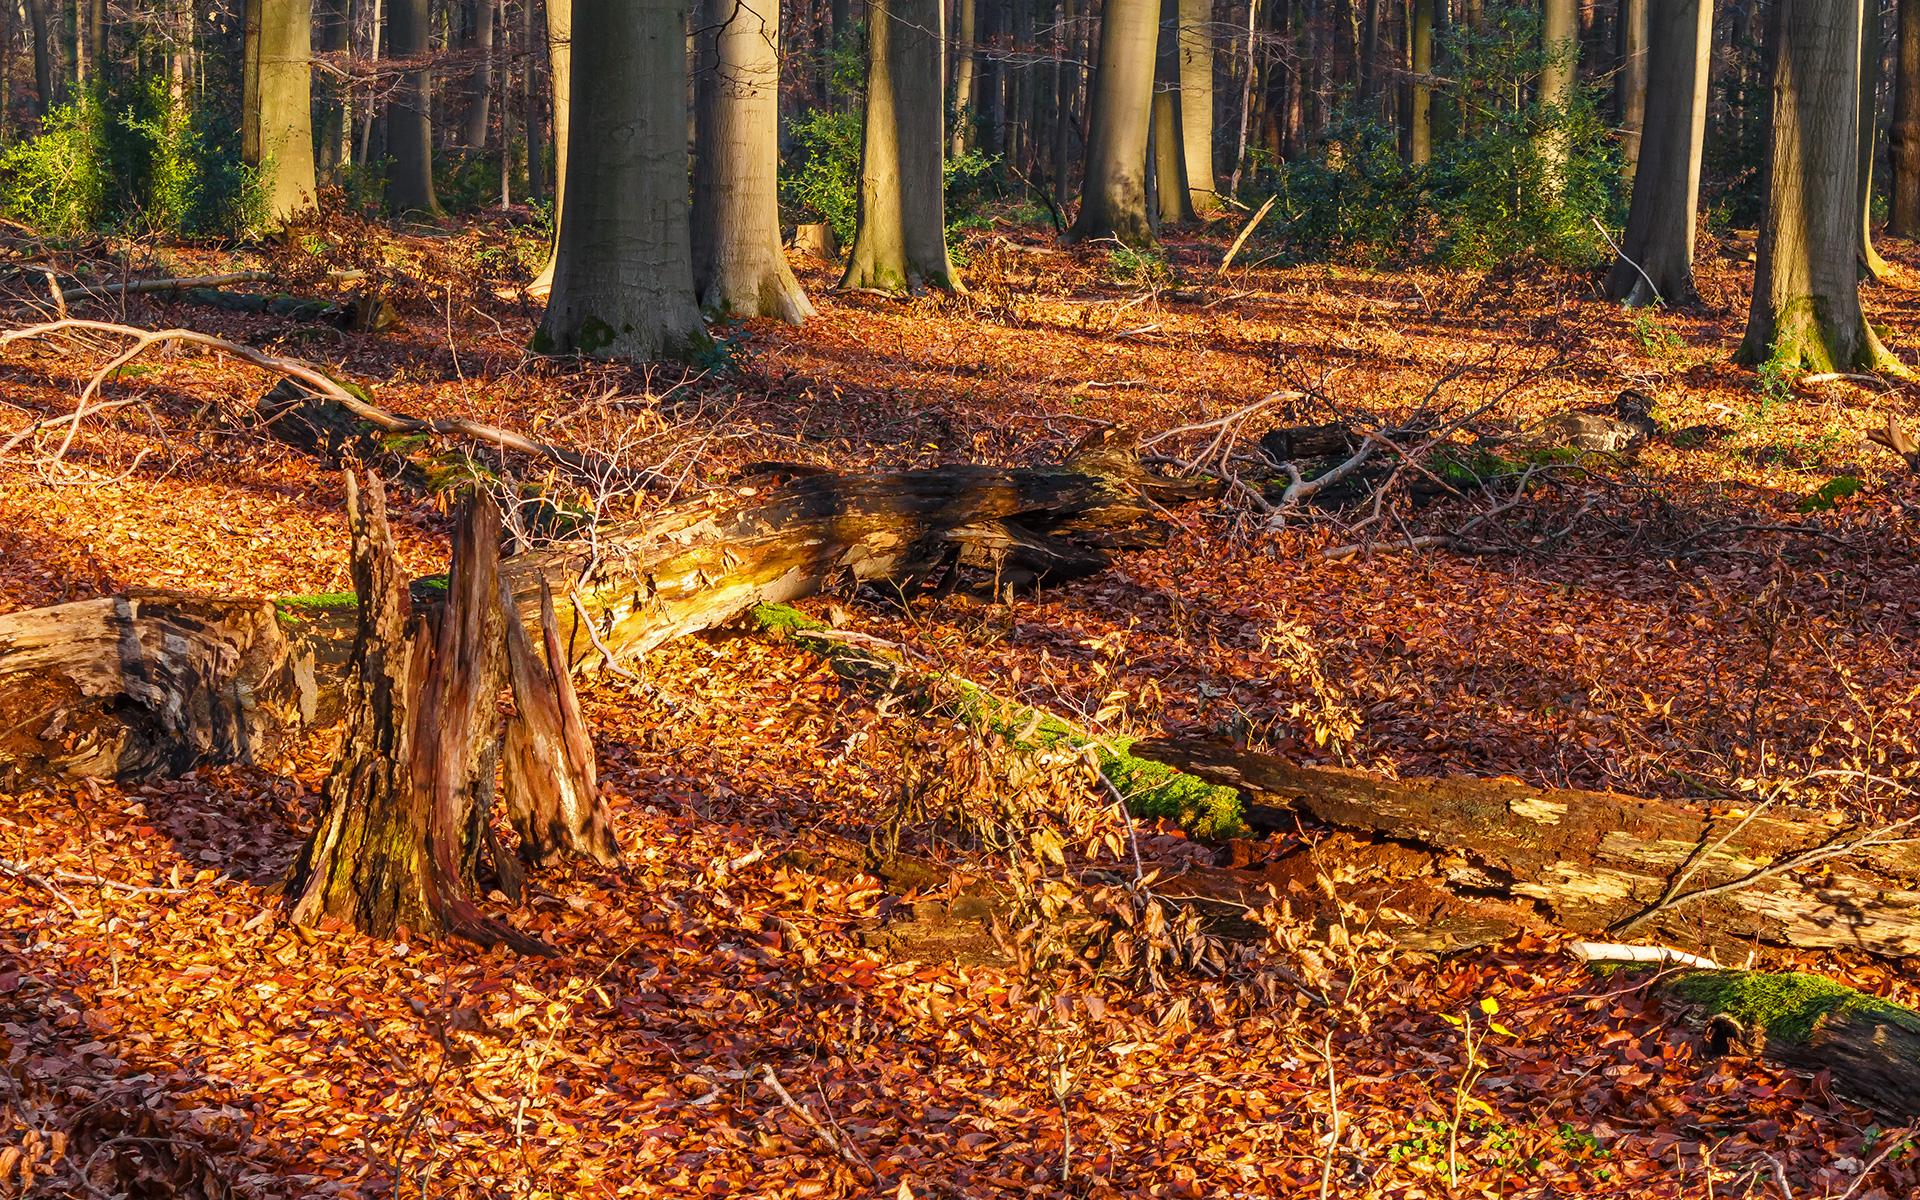 Totholzreichtum im unbewirtschaftetem Wald